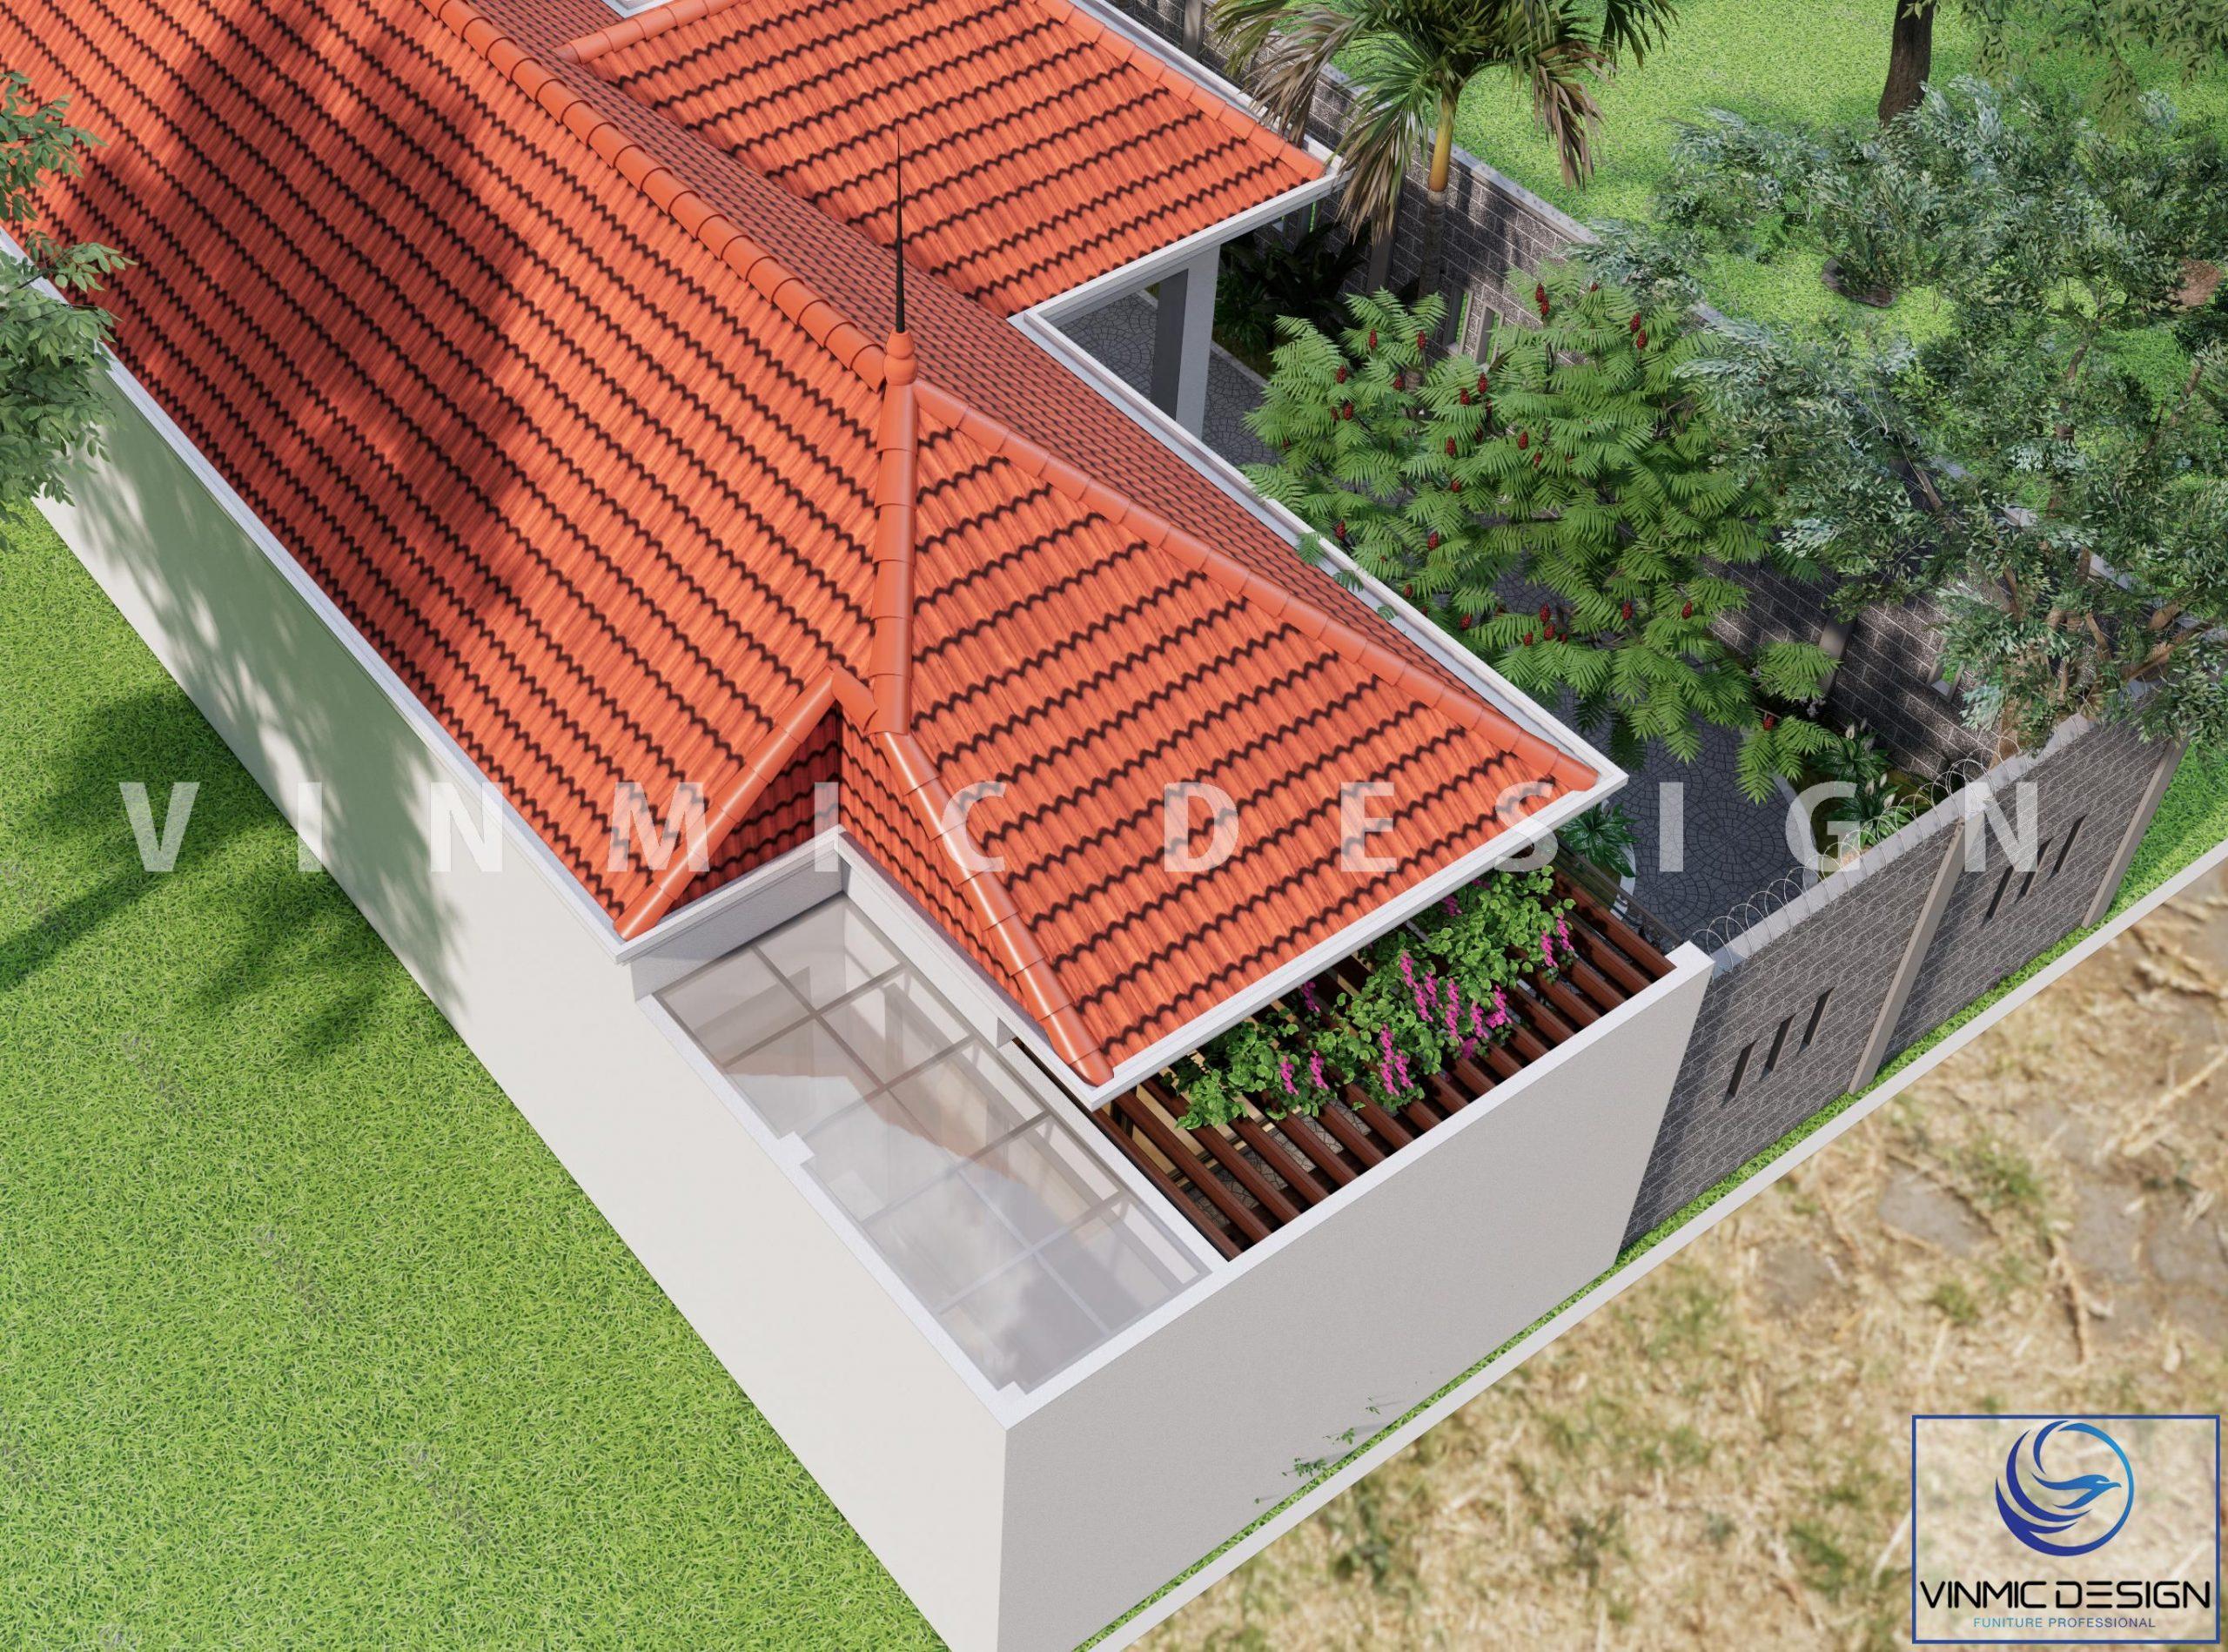 Từ trên nhìn xuống, căn nhà vườn được thiết kế theo hướng nhiều cây xanh, giúp không khí trở nên trong lành hơn